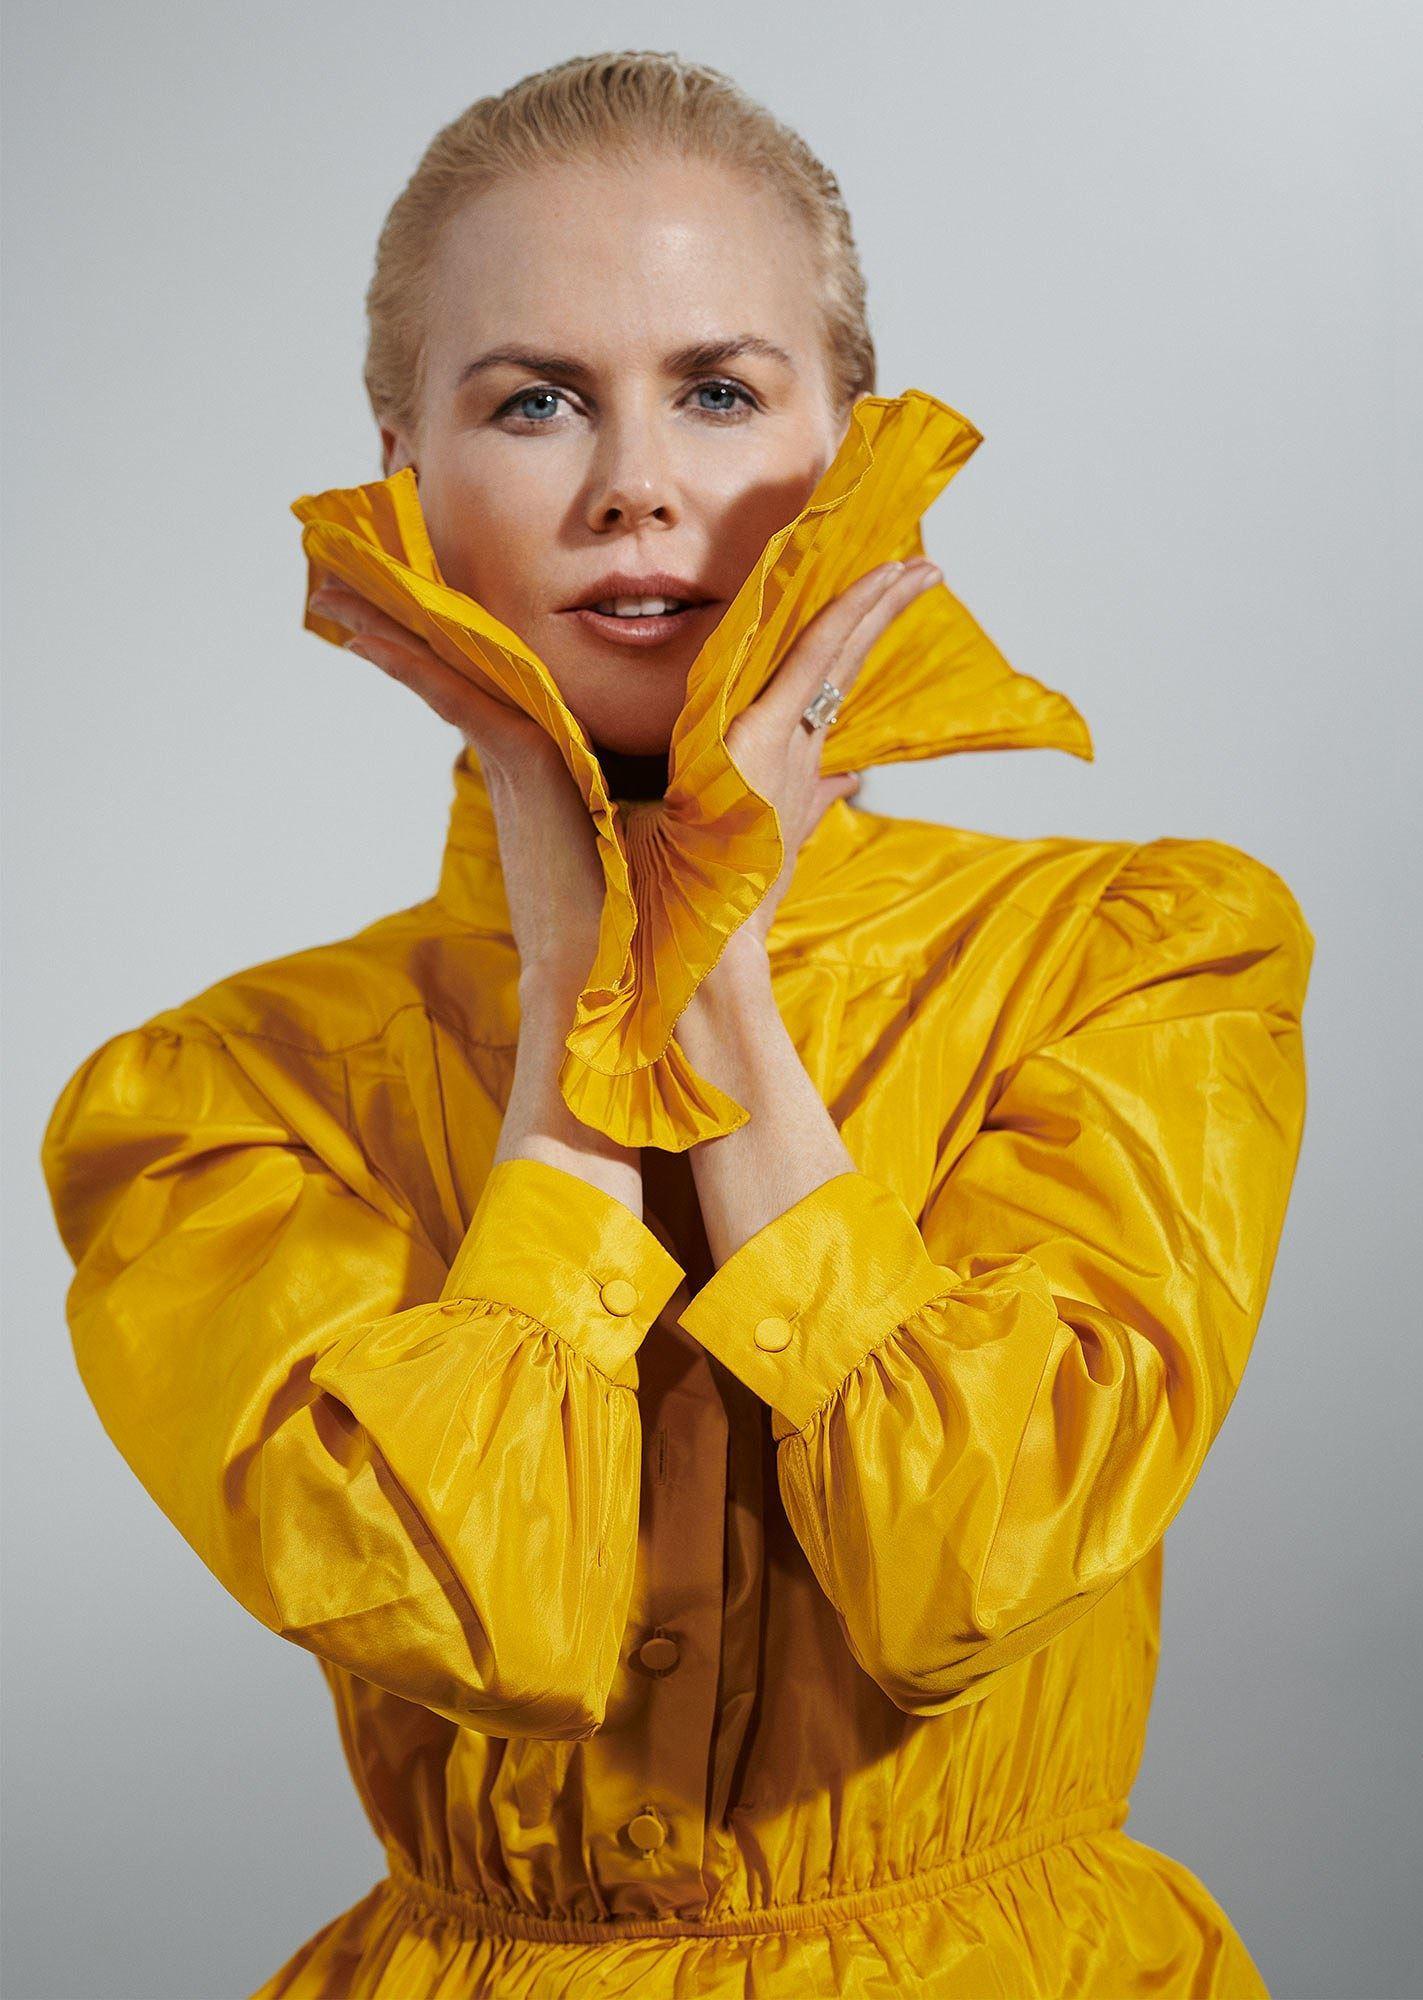 Ngỡ ngàng ngắm Nicole Kidman tóc tém, không nội y quá nóng bỏng Ảnh 8